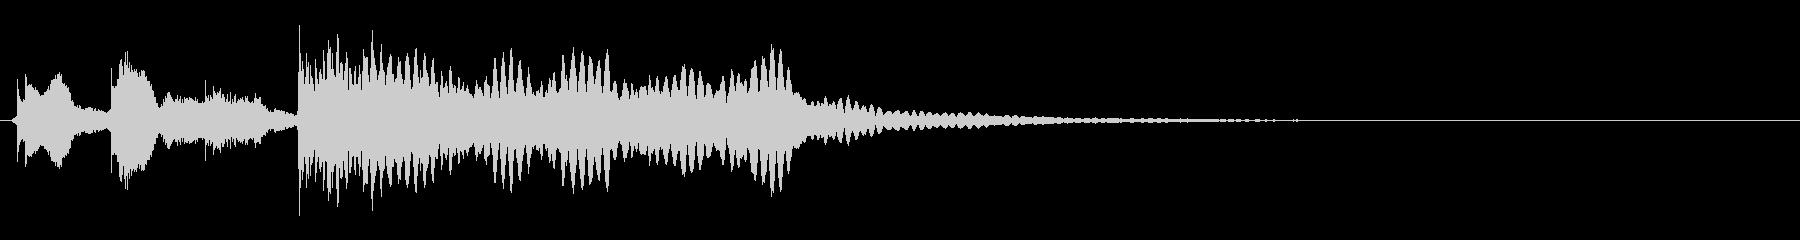 ゲーム、クイズ(不正解)_005の未再生の波形